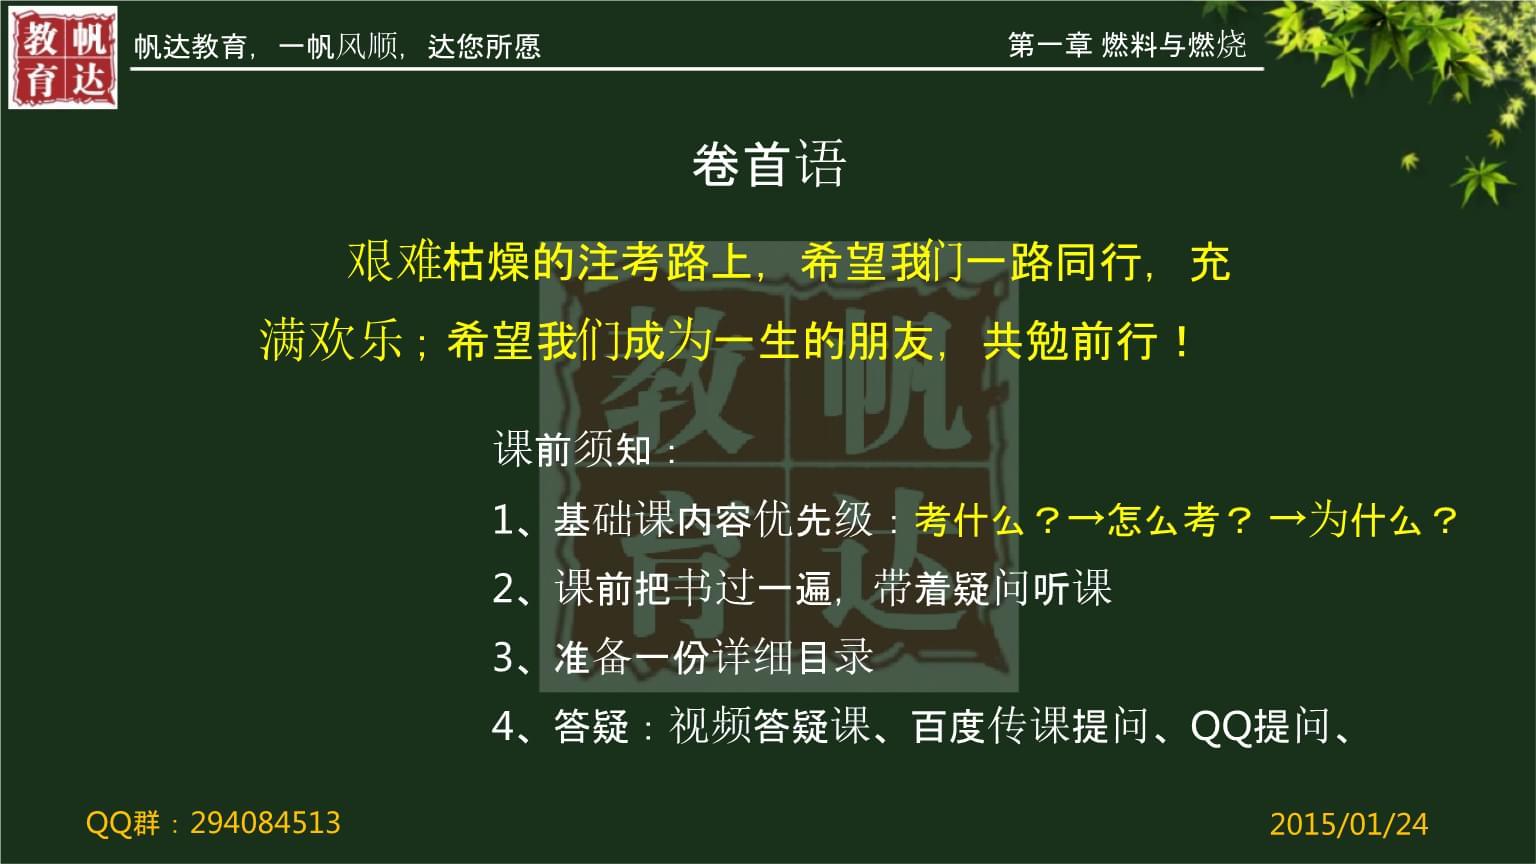 注册动力专业考试材料 第一章 燃料与燃烧.pptx